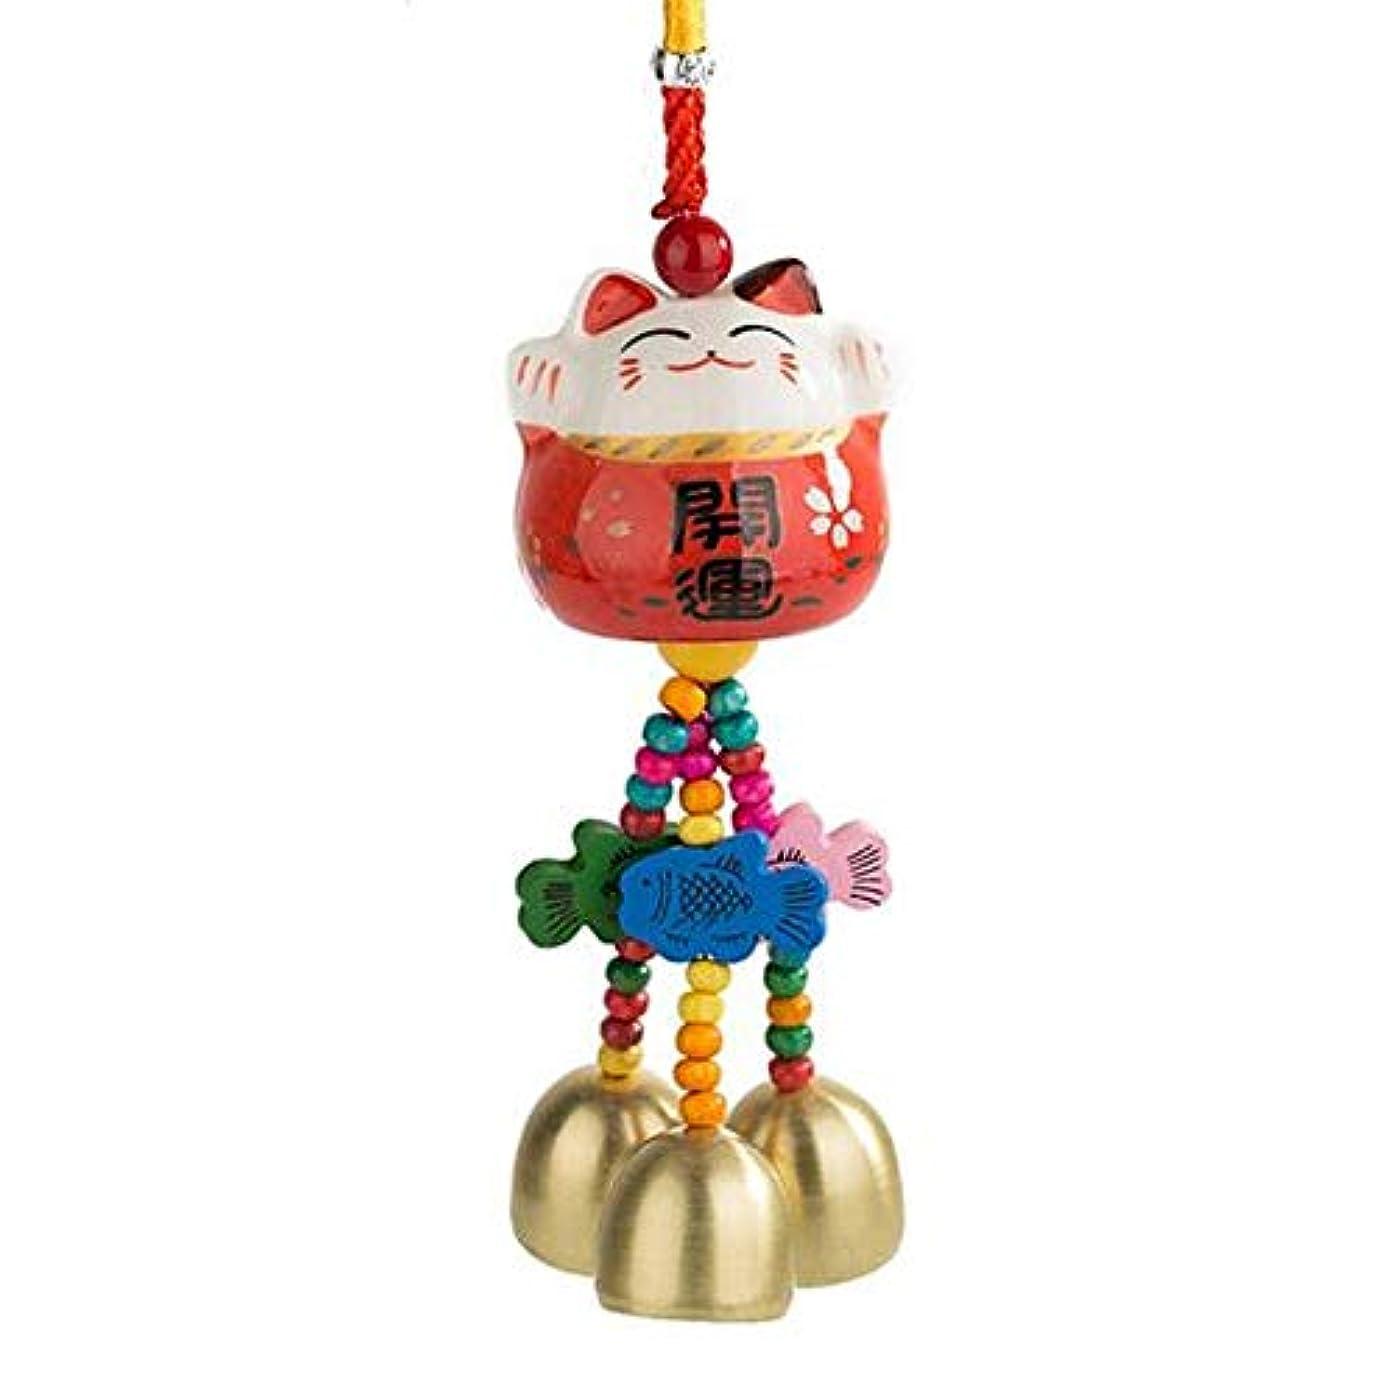 資料内部補うGaoxingbianlidian001 風チャイム、かわいいクリエイティブセラミック猫風の鐘、グリーン、長い28センチメートル,楽しいホリデーギフト (Color : Red)